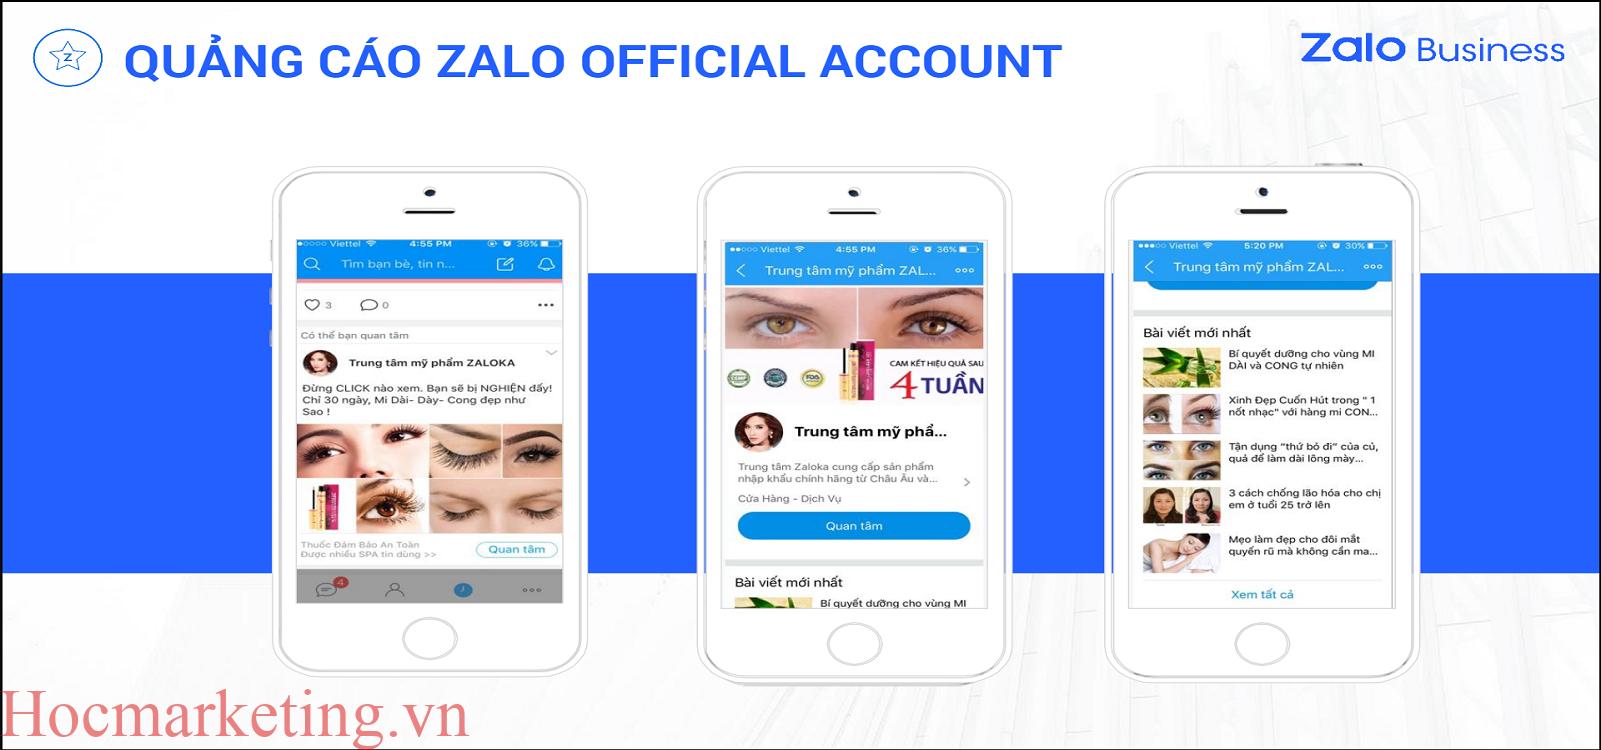 ✍ Hướng dẫn quảng cáo Zalo từ A đến Z (phần 2)